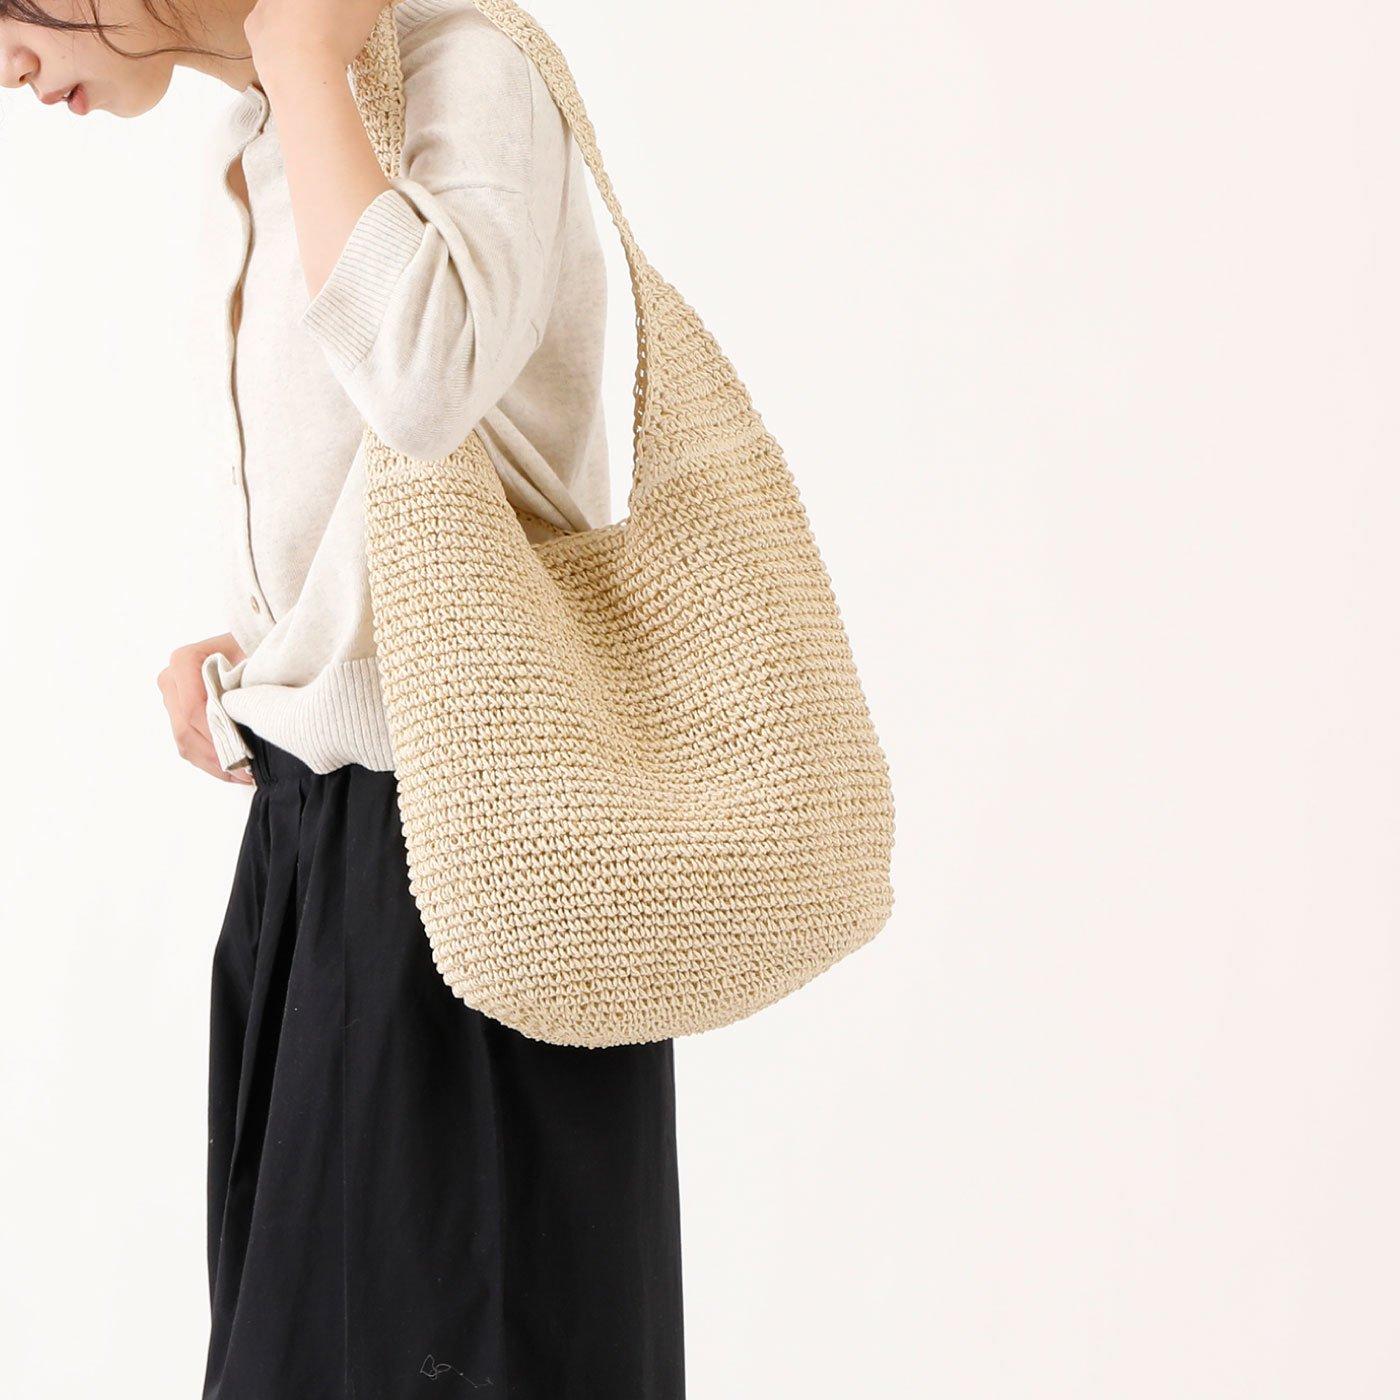 涼しげな雰囲気 軽くて柔らかいペーパー素材のショルダーバッグ